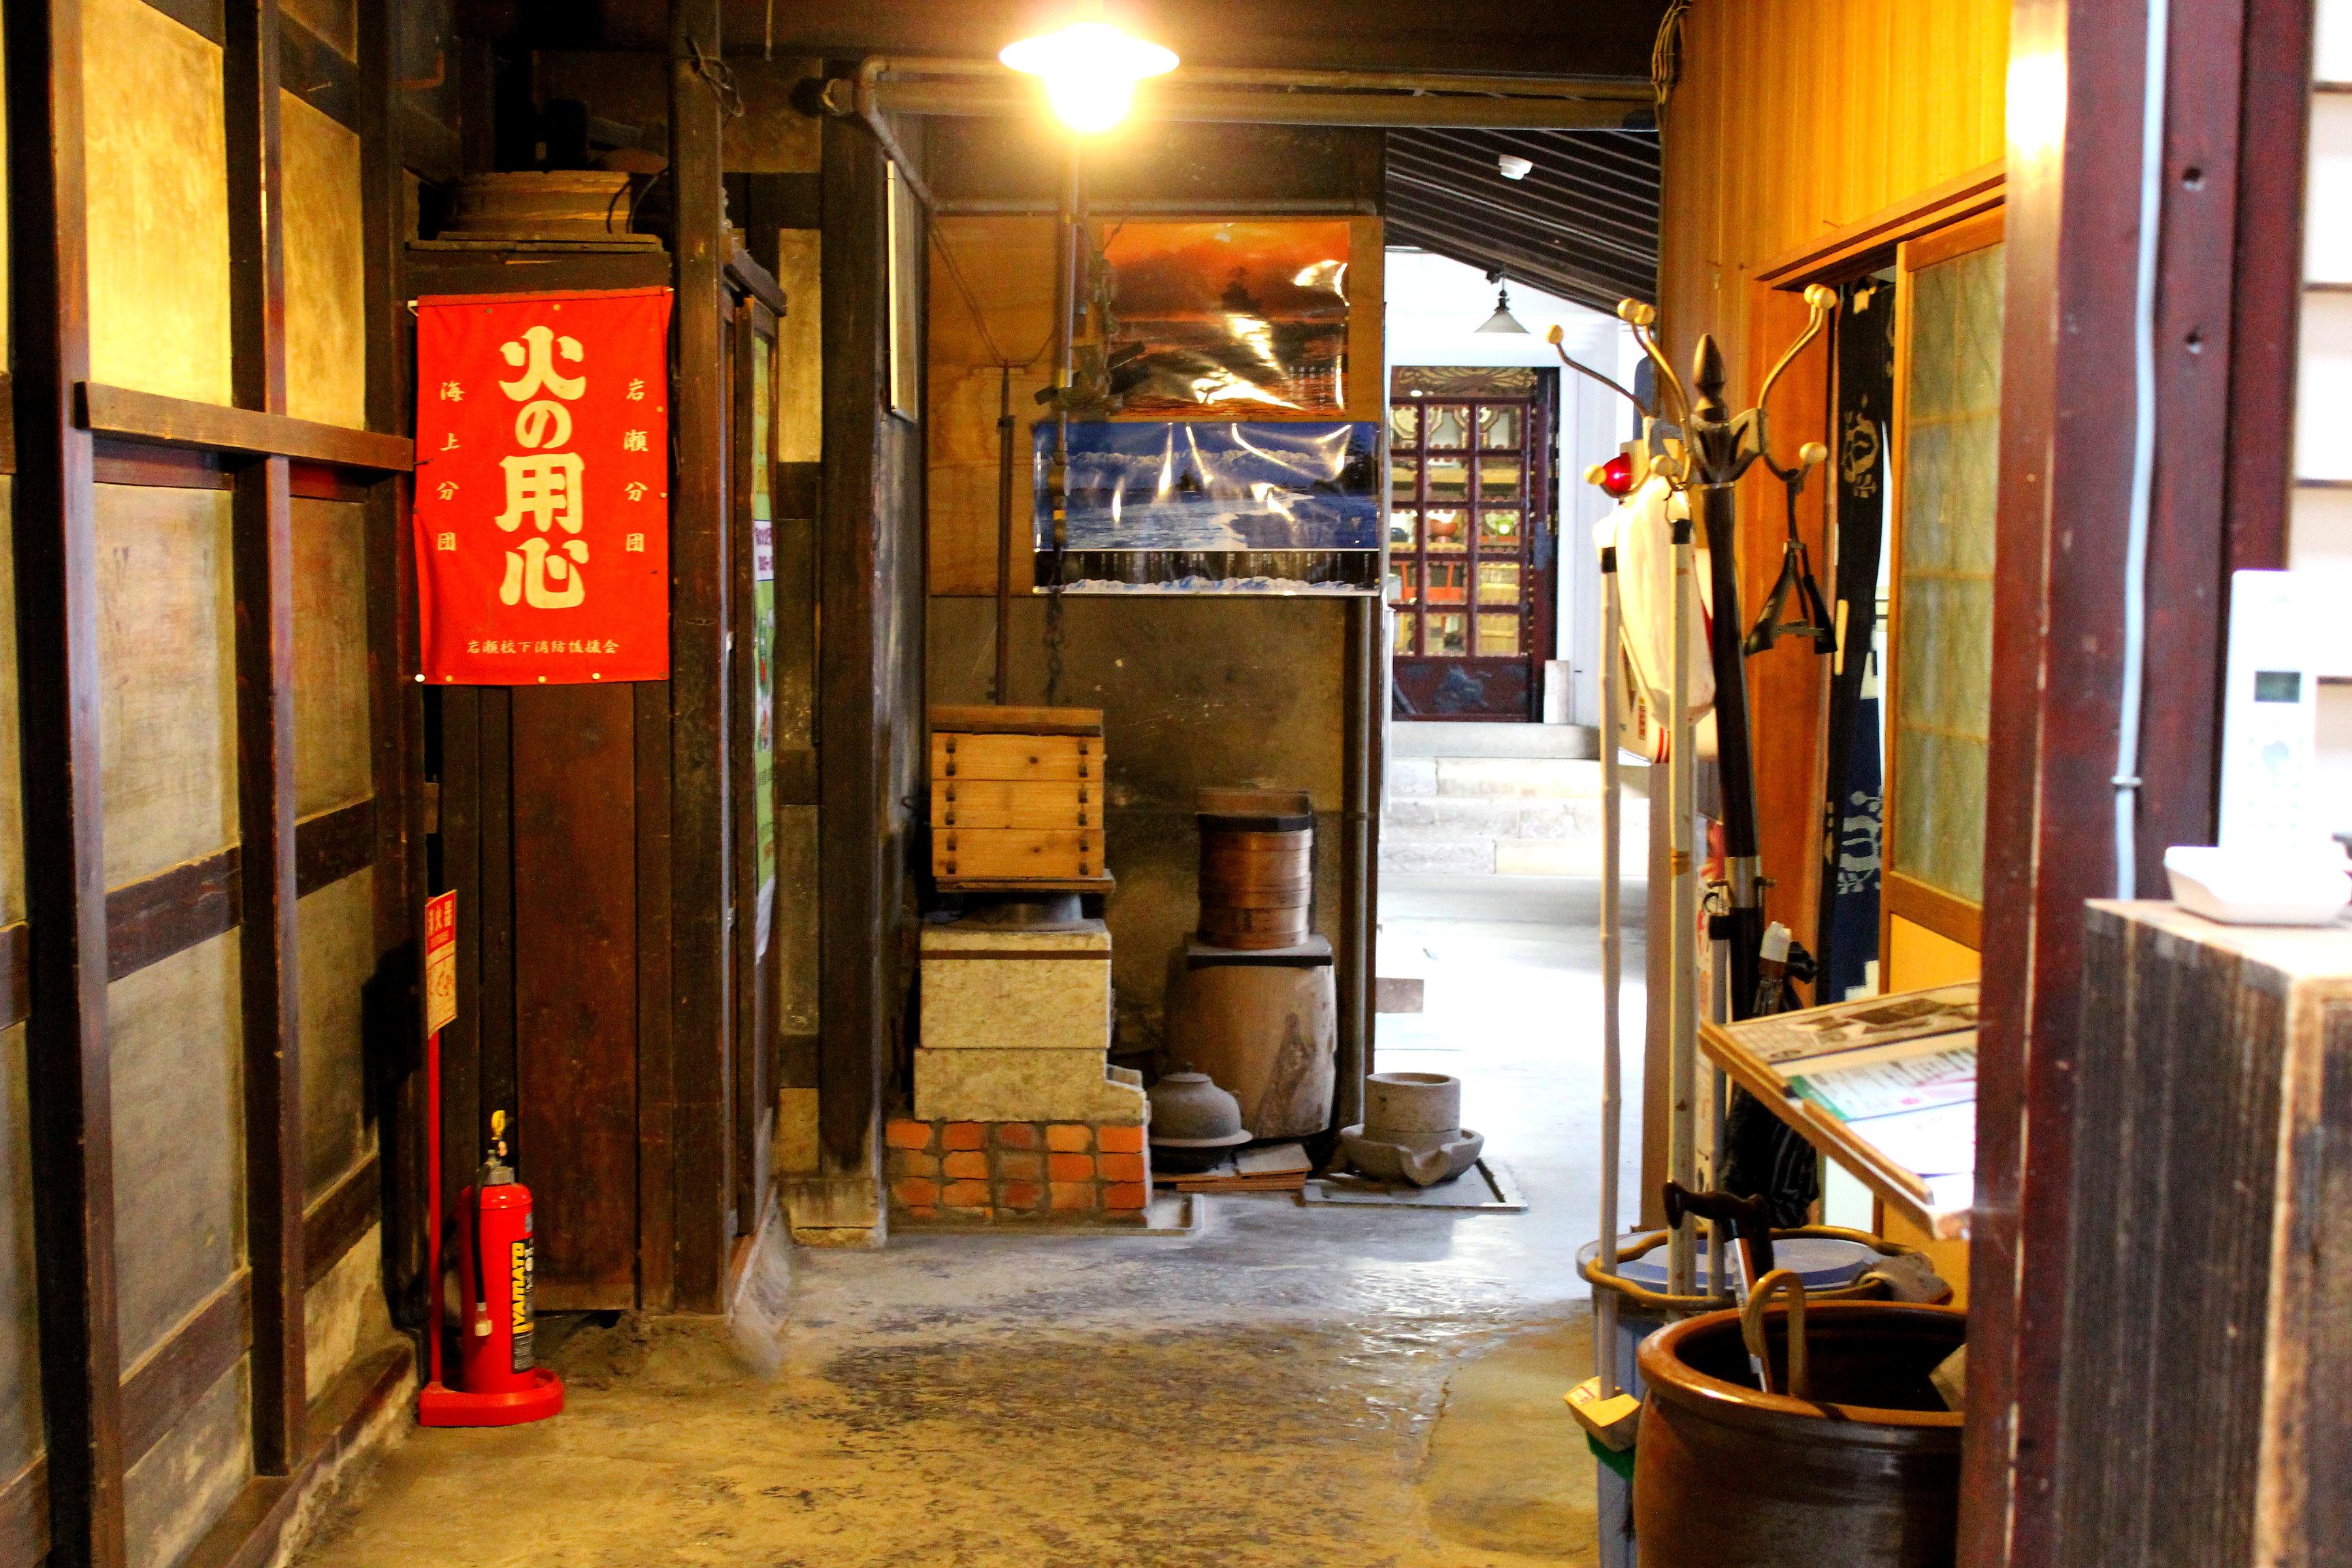 【北前船廻船問屋 森家】岩瀬にある富山を昆布好きにした場所!